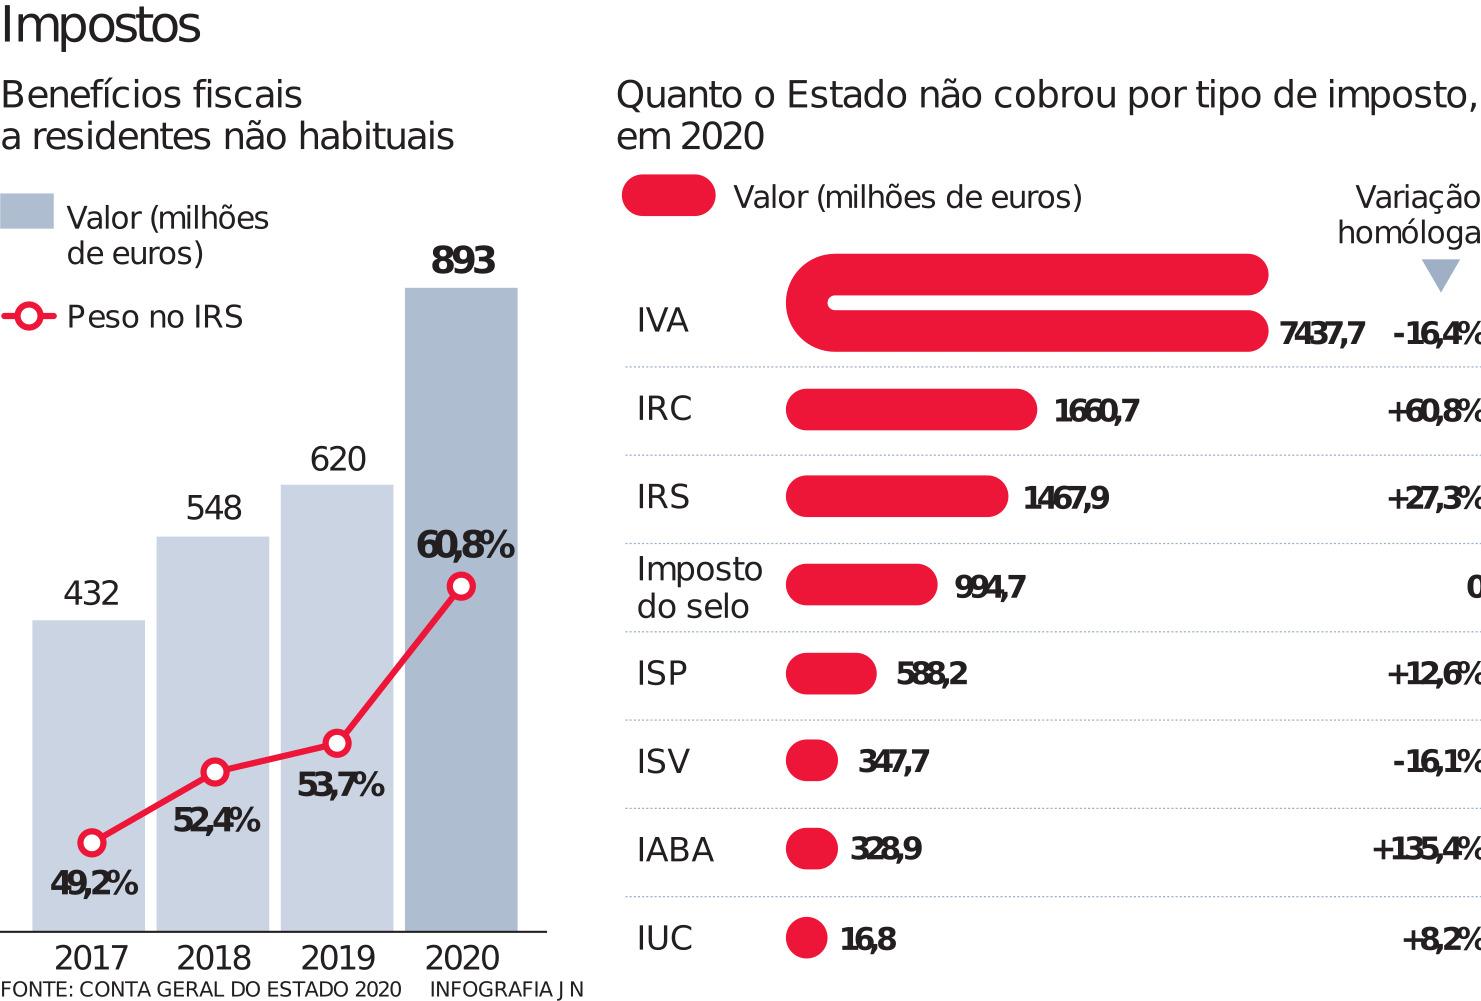 Benefícios fiscais a estrangeiros em máximos – 893 milhões em 2020